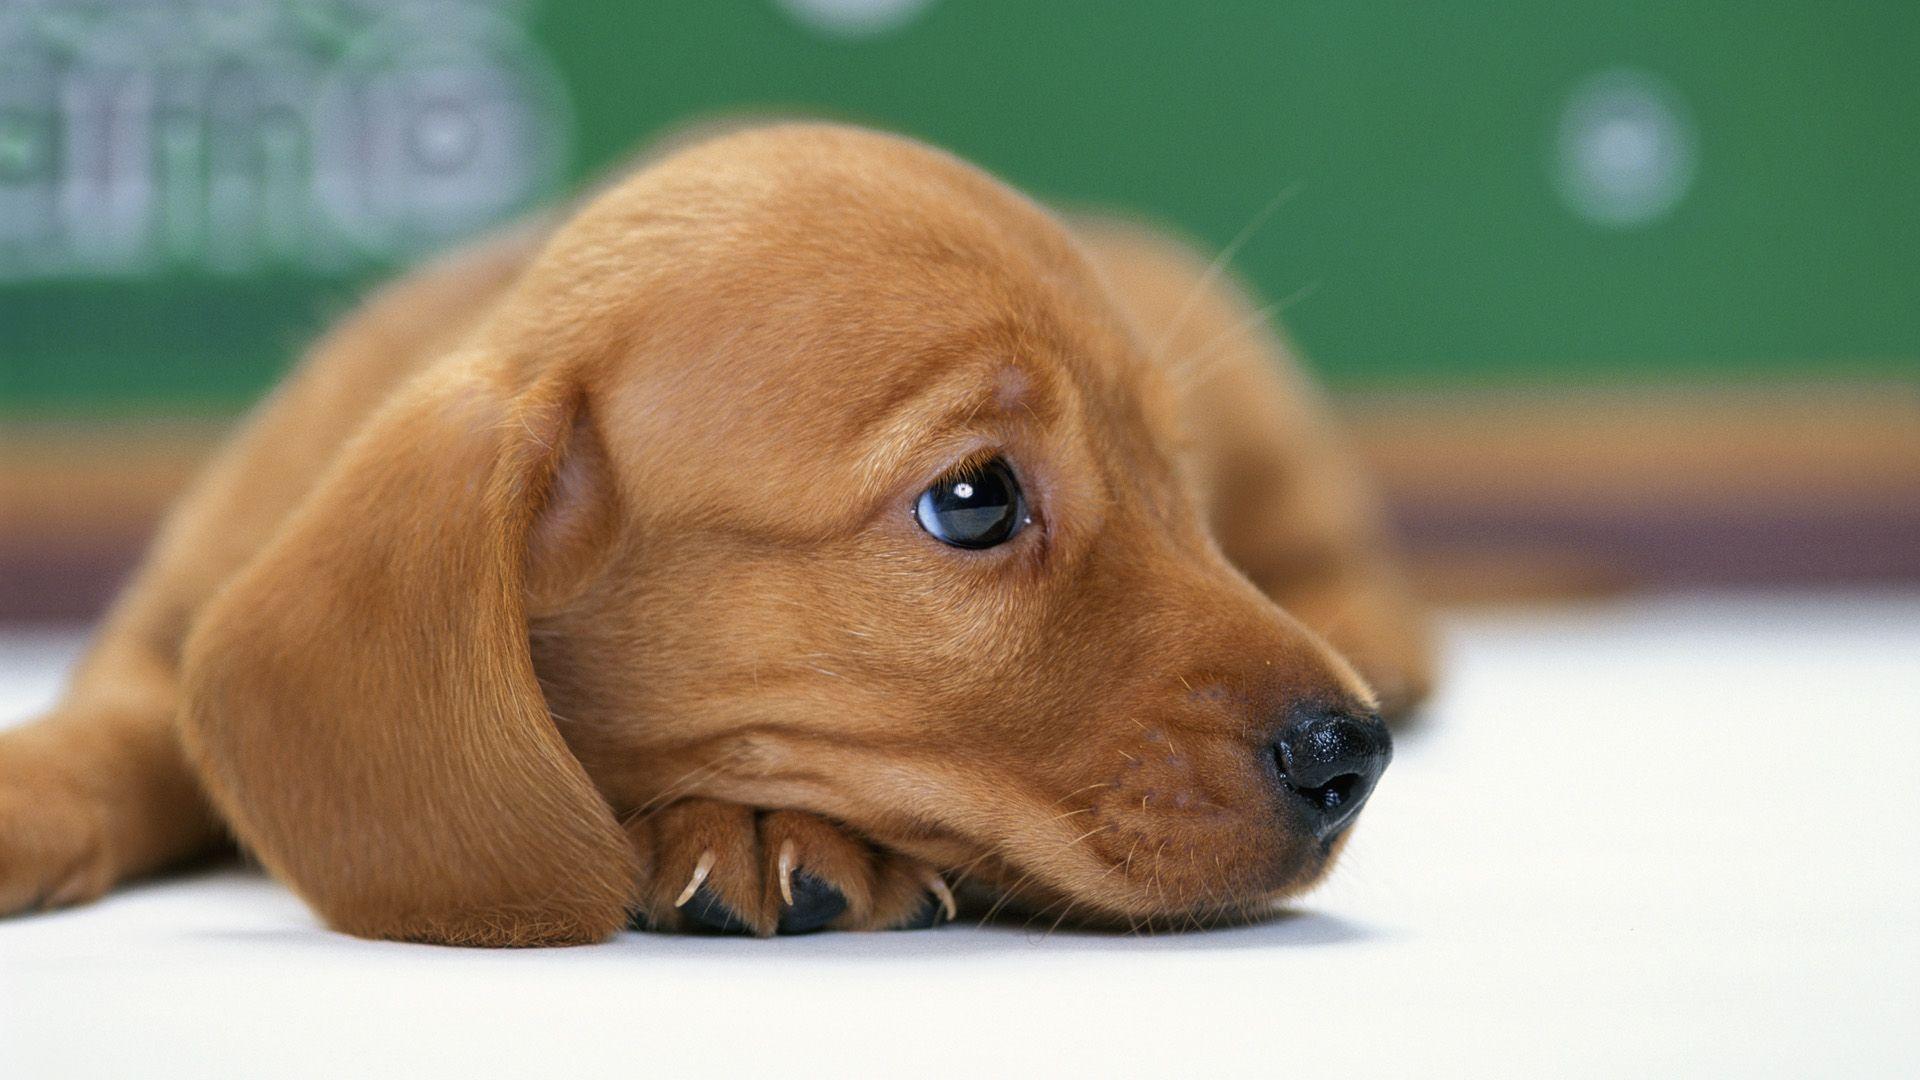 Dachshund Puppy Puppy Dogs Dachshund And Maltese Dachshund Puppies Cute Dogs Miniature Dachshunds